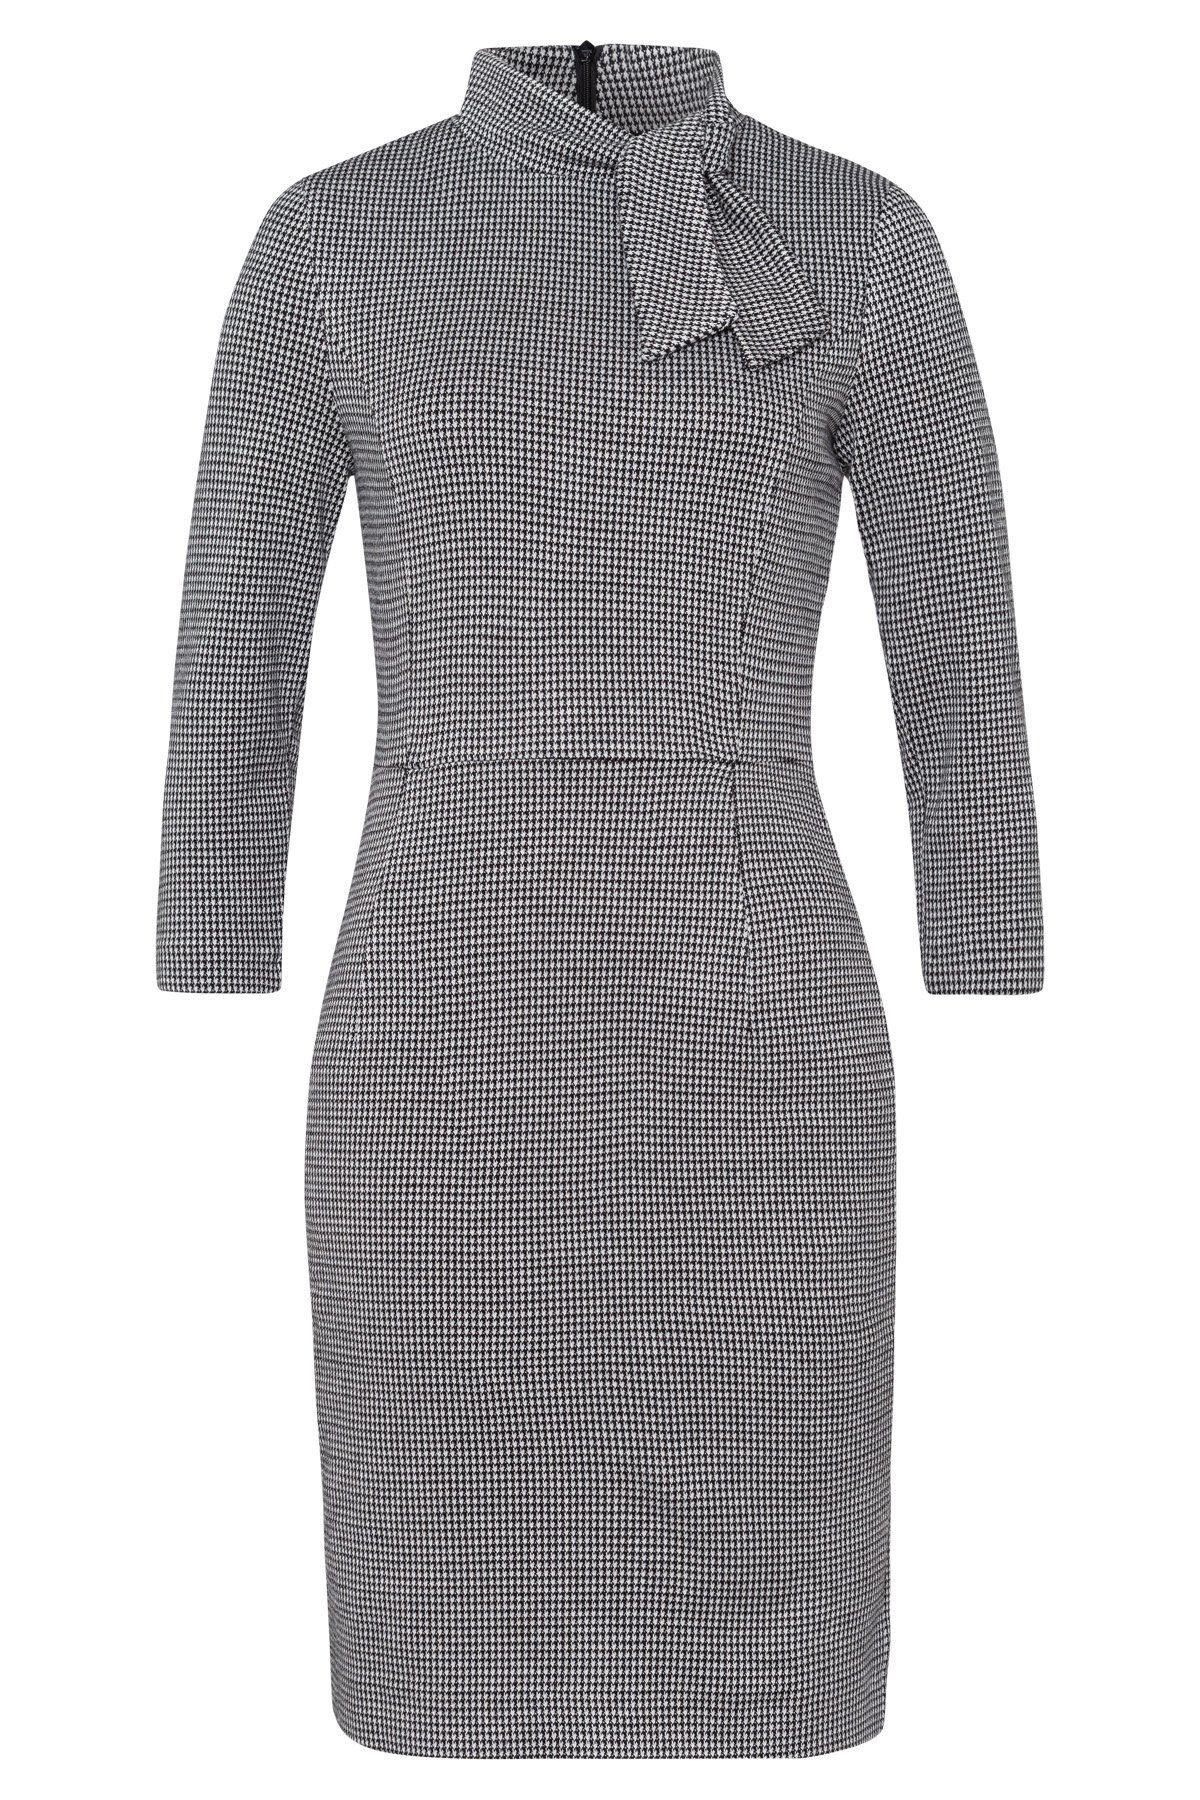 15 Ausgezeichnet Kleider Damen Kurz Stylish15 Erstaunlich Kleider Damen Kurz Galerie